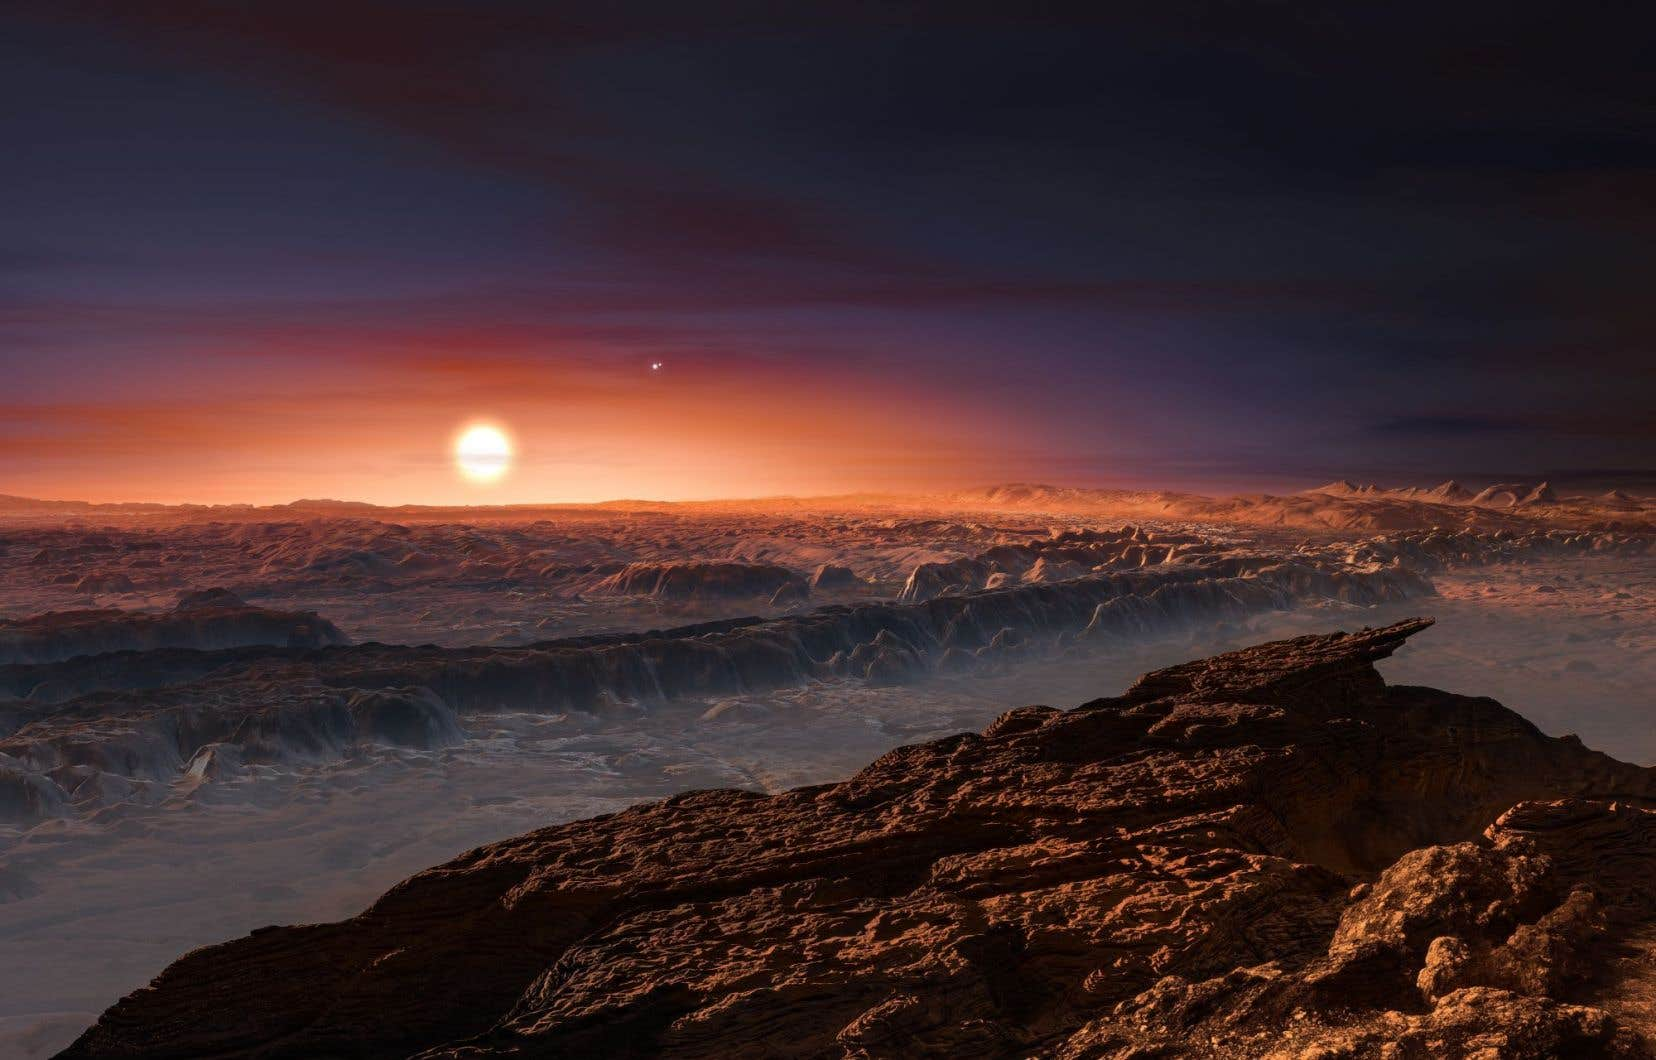 Cette représentation de Proxima b offre un aperçu que ce que les scientifiques pourraient observer à l'aide d'un télescope d'ici une dizaine d'années.